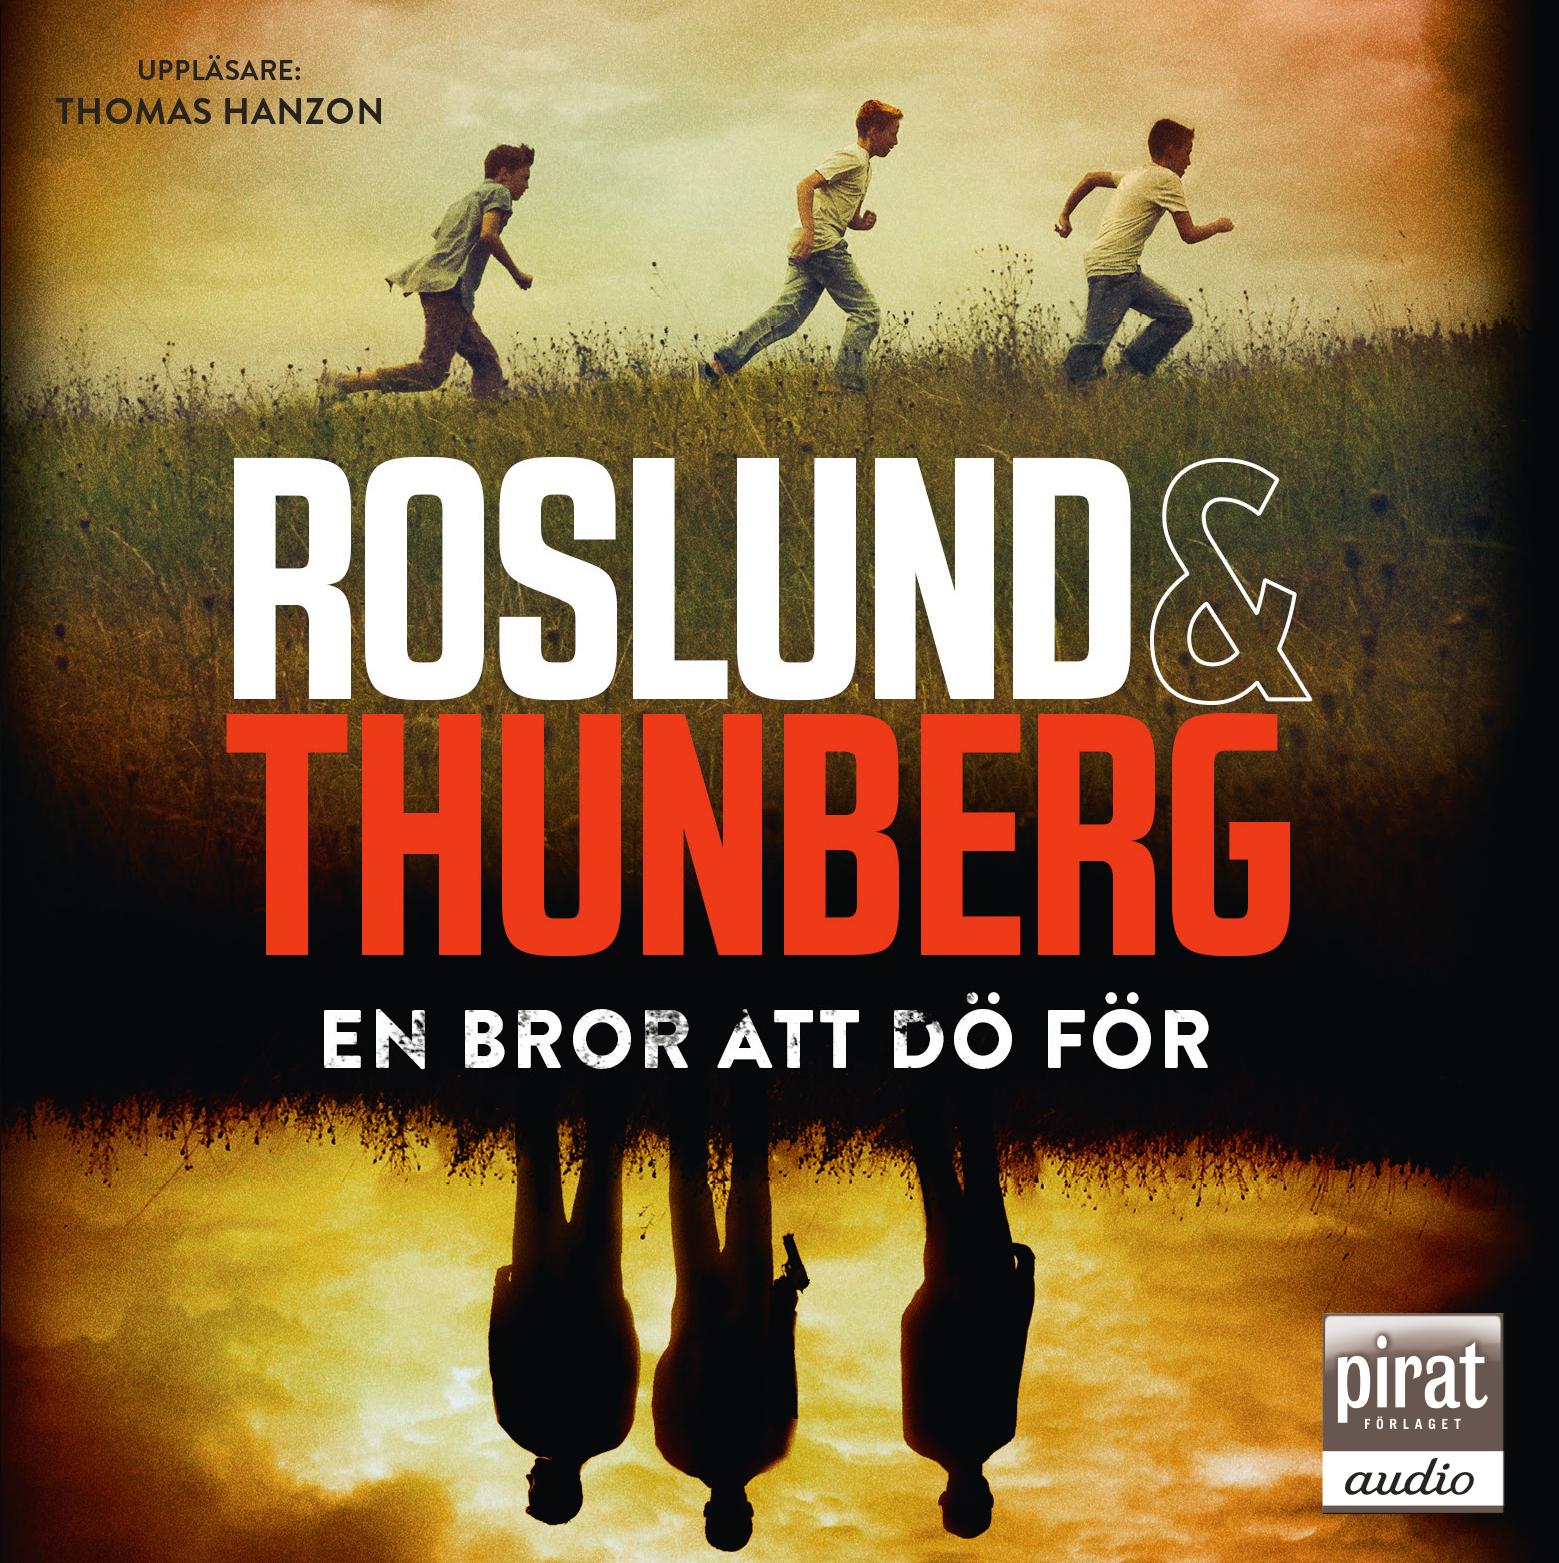 Ljudbok En bror att dö för av  Roslund & Thunberg